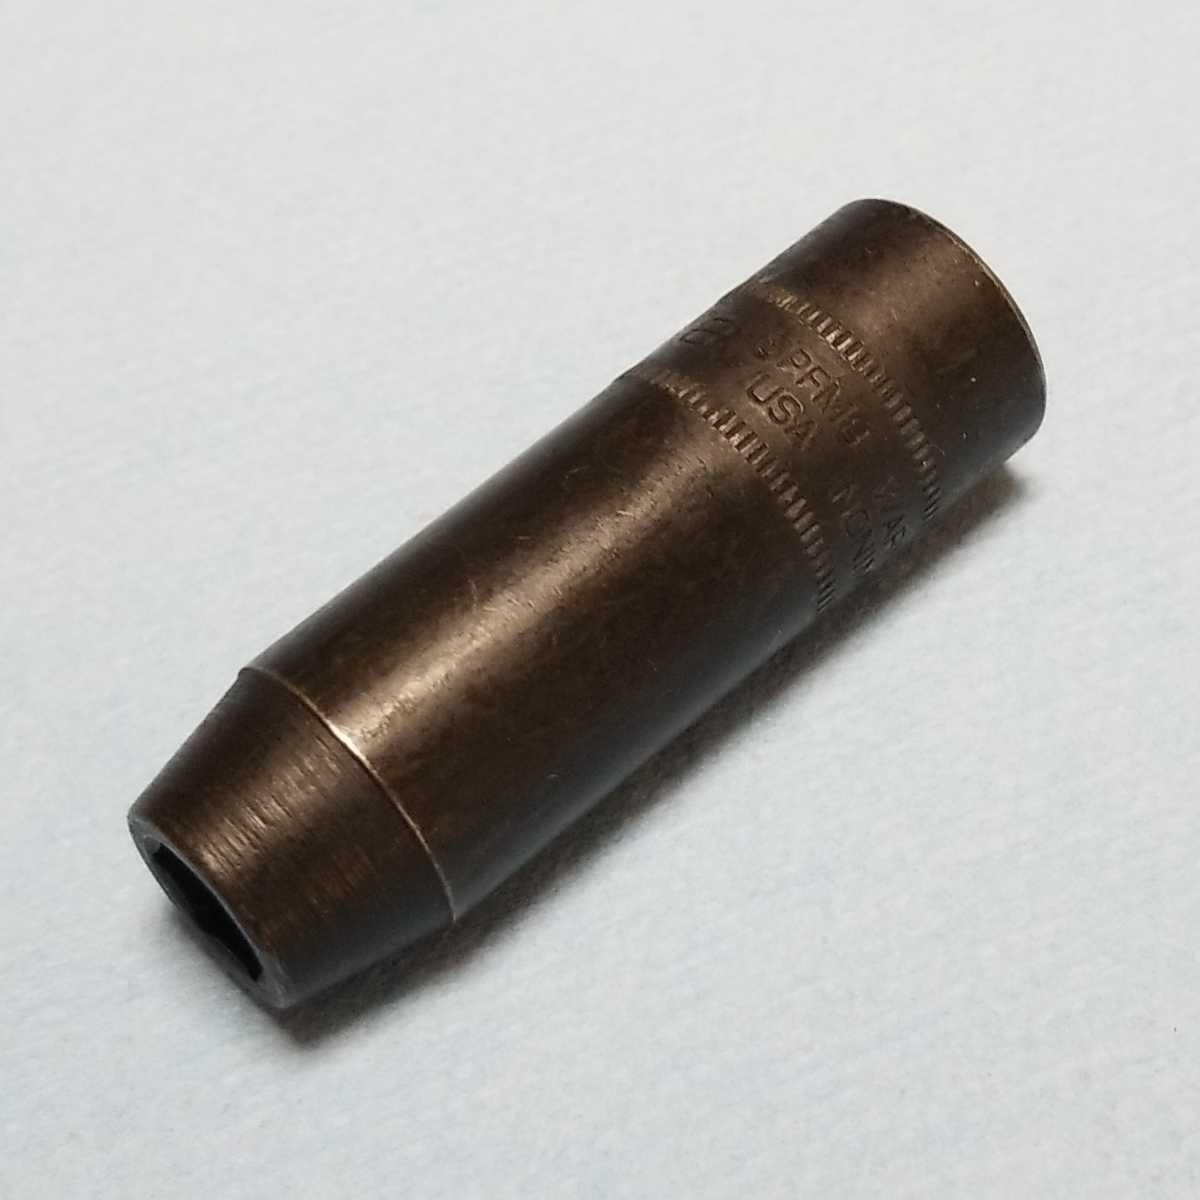 未使用 8mm 3/8 インパクト ディープ スナップオン SPFM8 (6角) 新品 保管品 SNAPON SNAP-ON ディープソケット ソケット _画像10